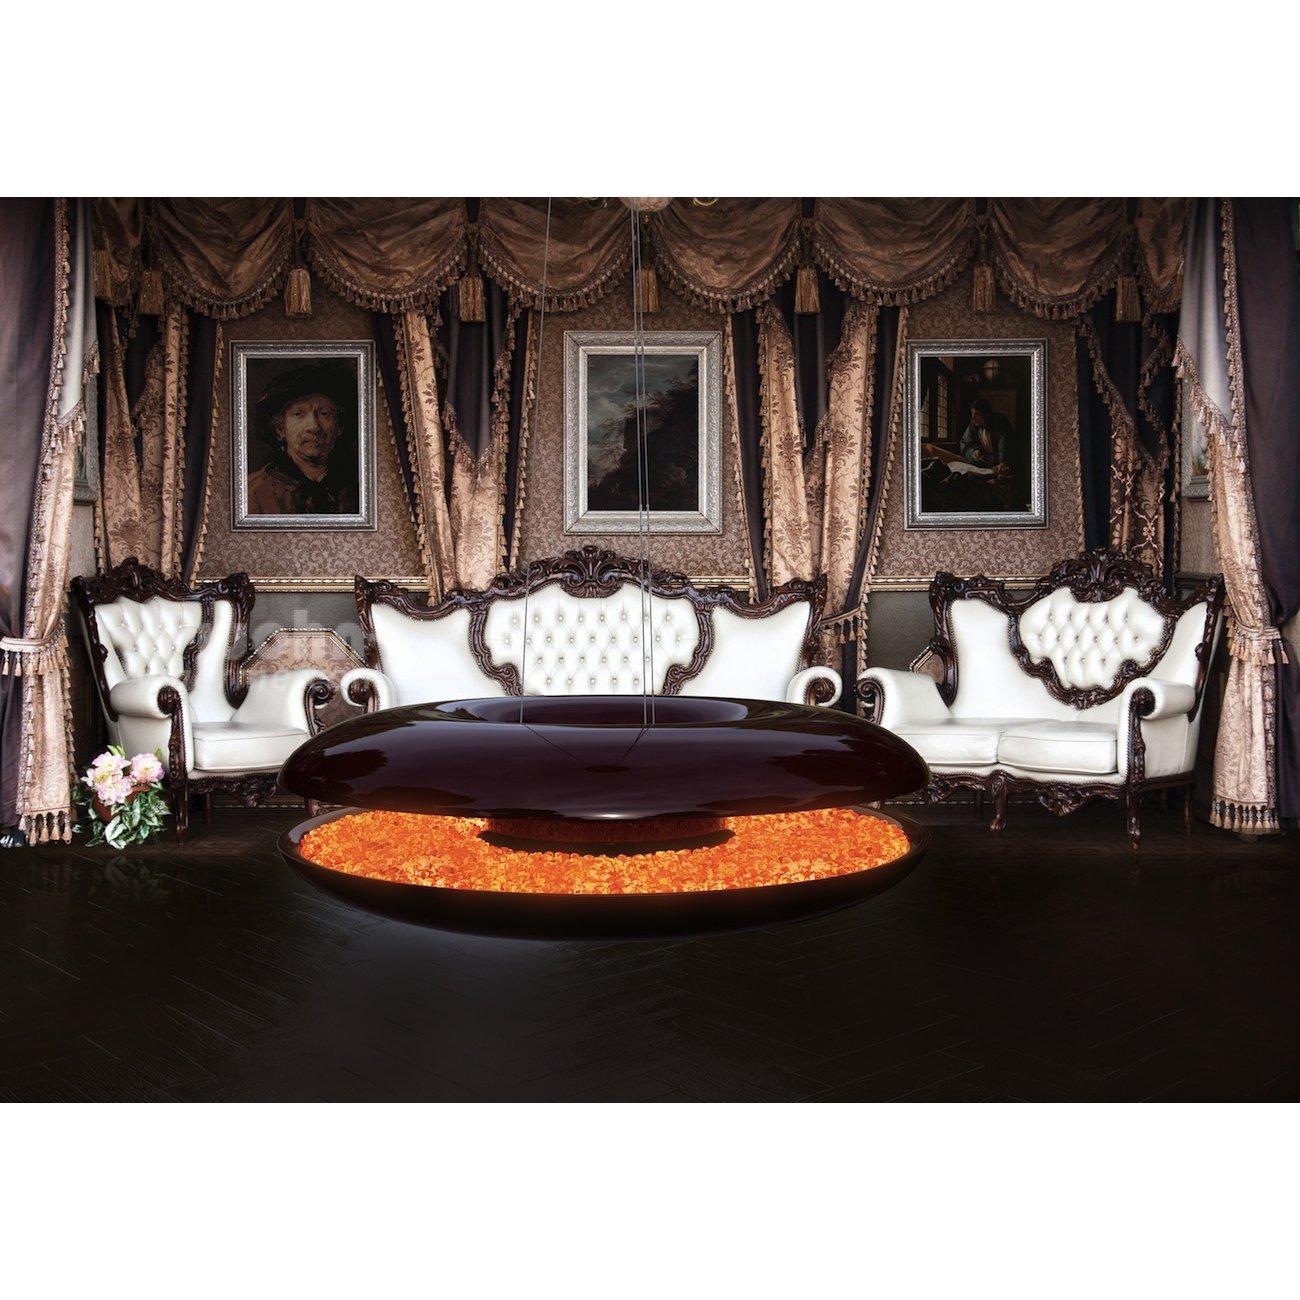 Schon Kamin Luxus ~ Luxus design kamin von vanixa zum aufhängen